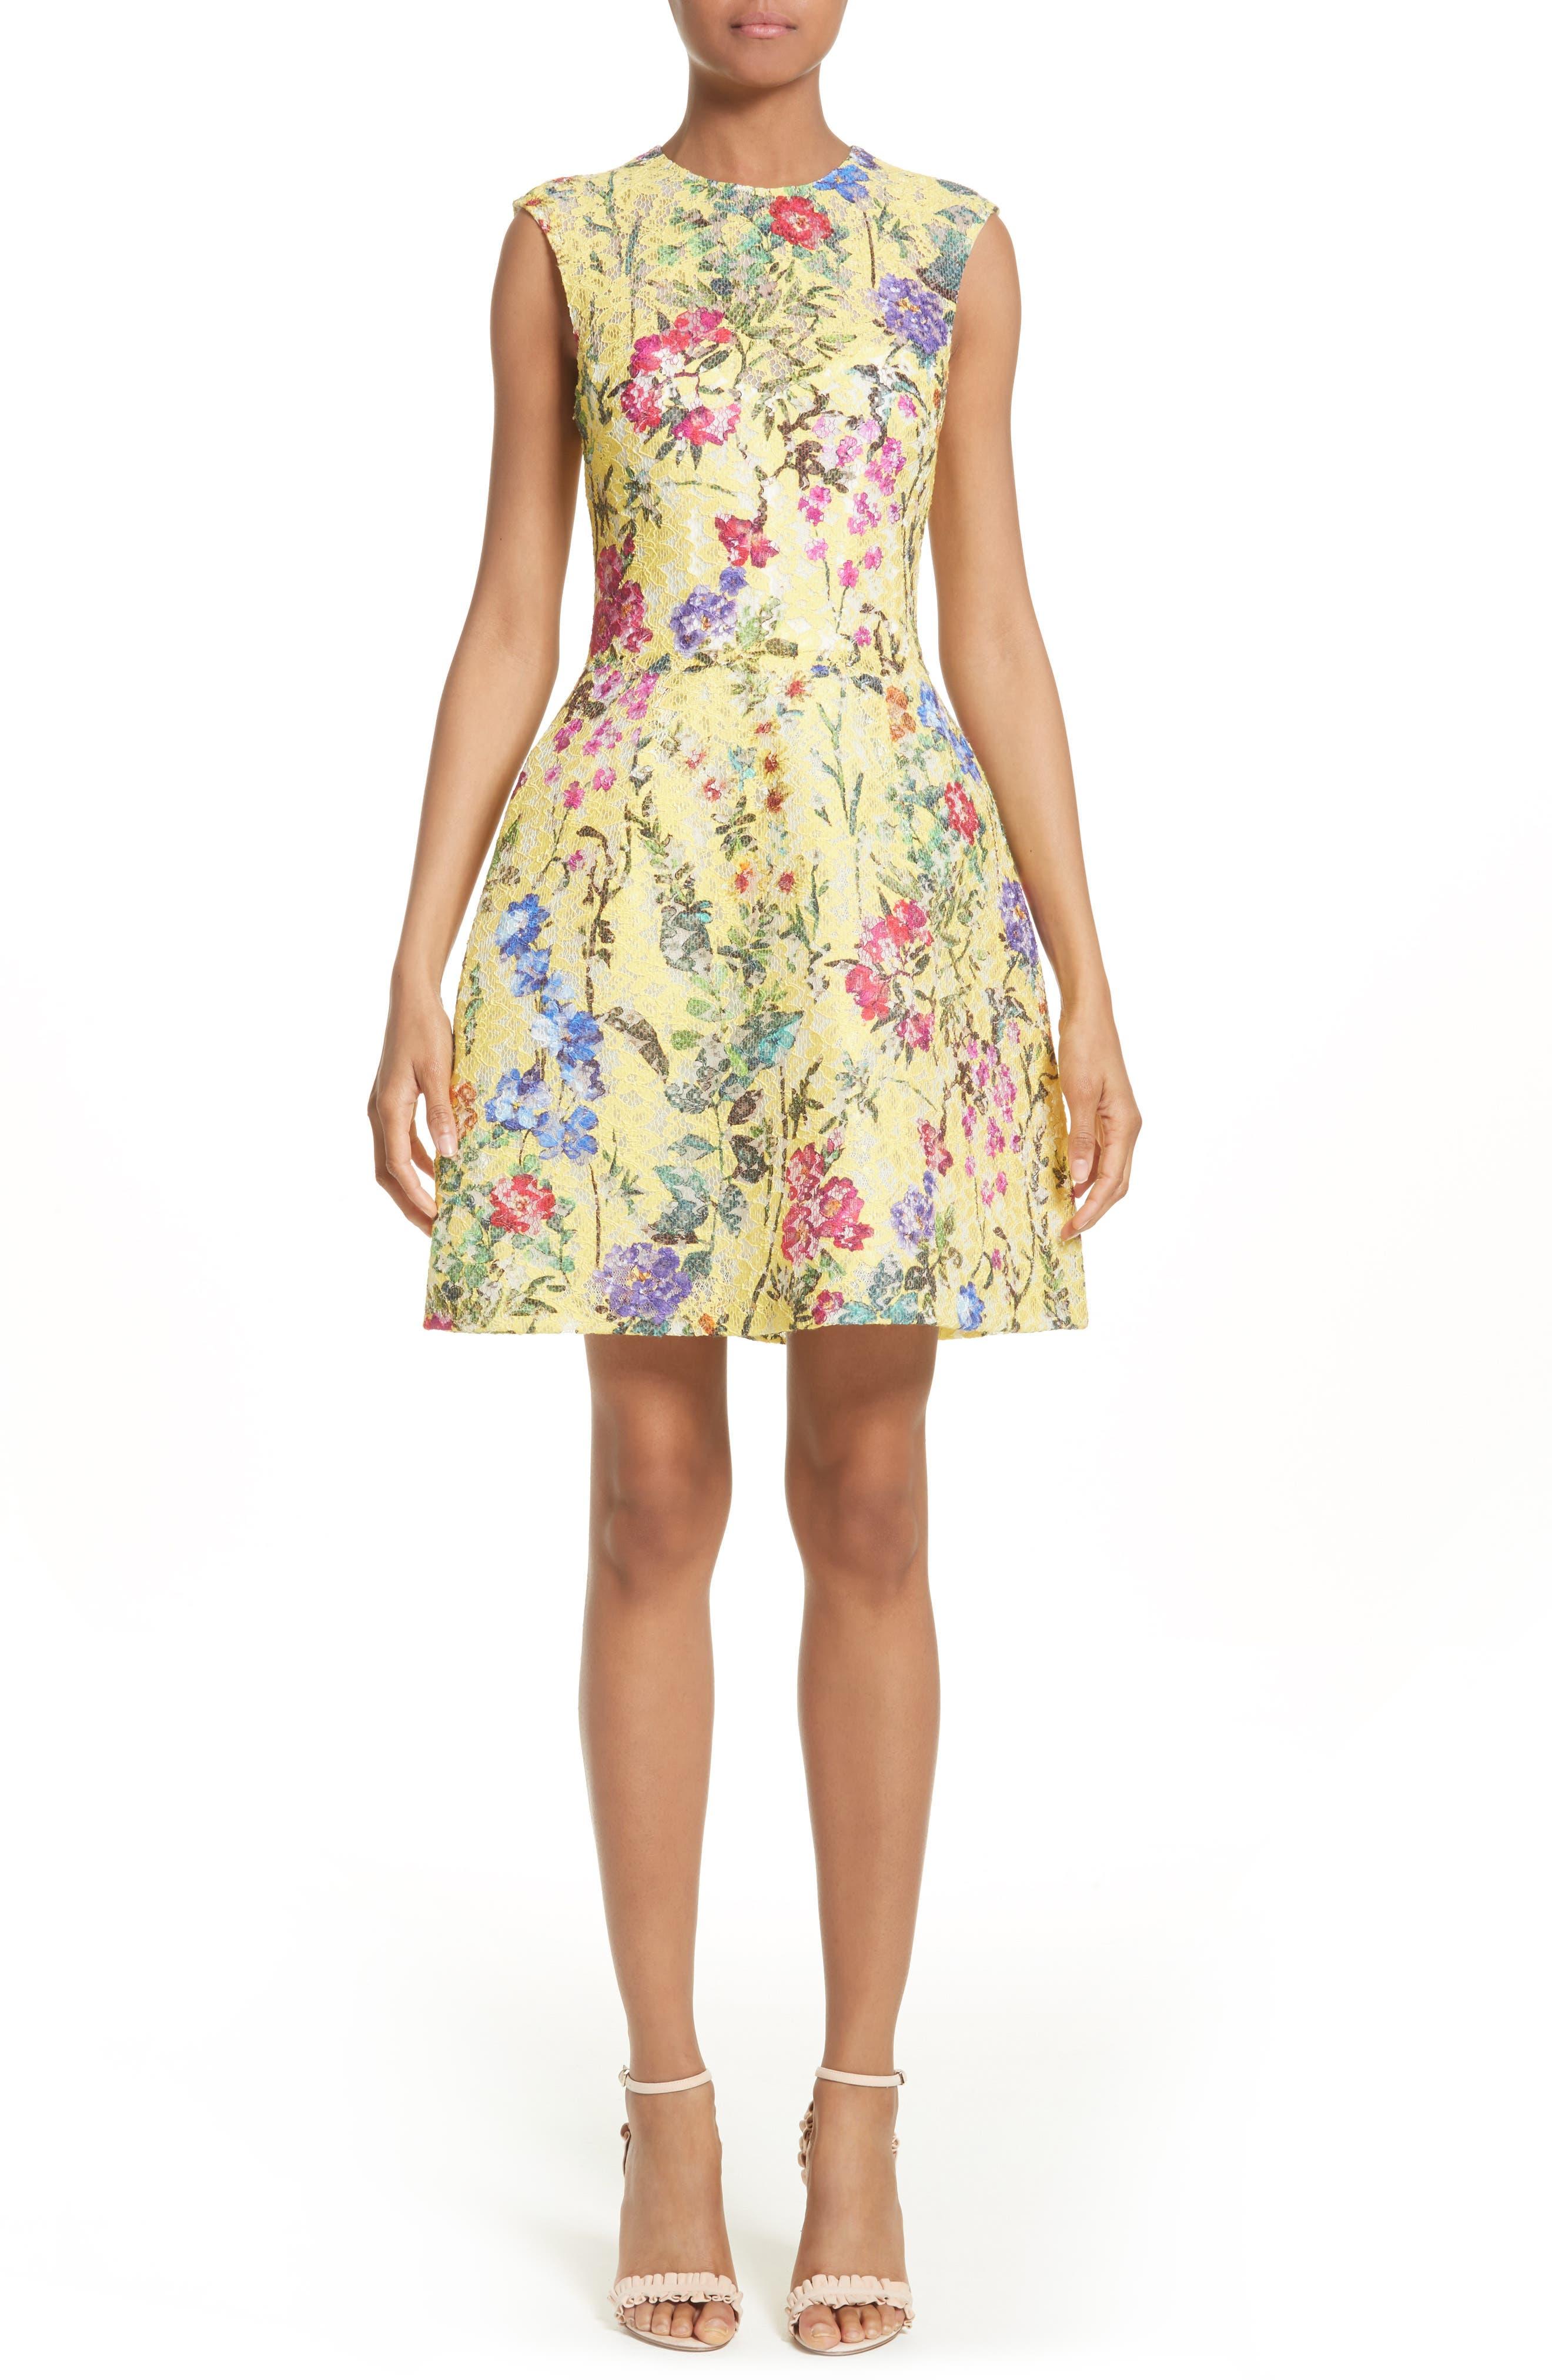 Monique Lhuillier Garden Print Lace Fit & Flare Dress